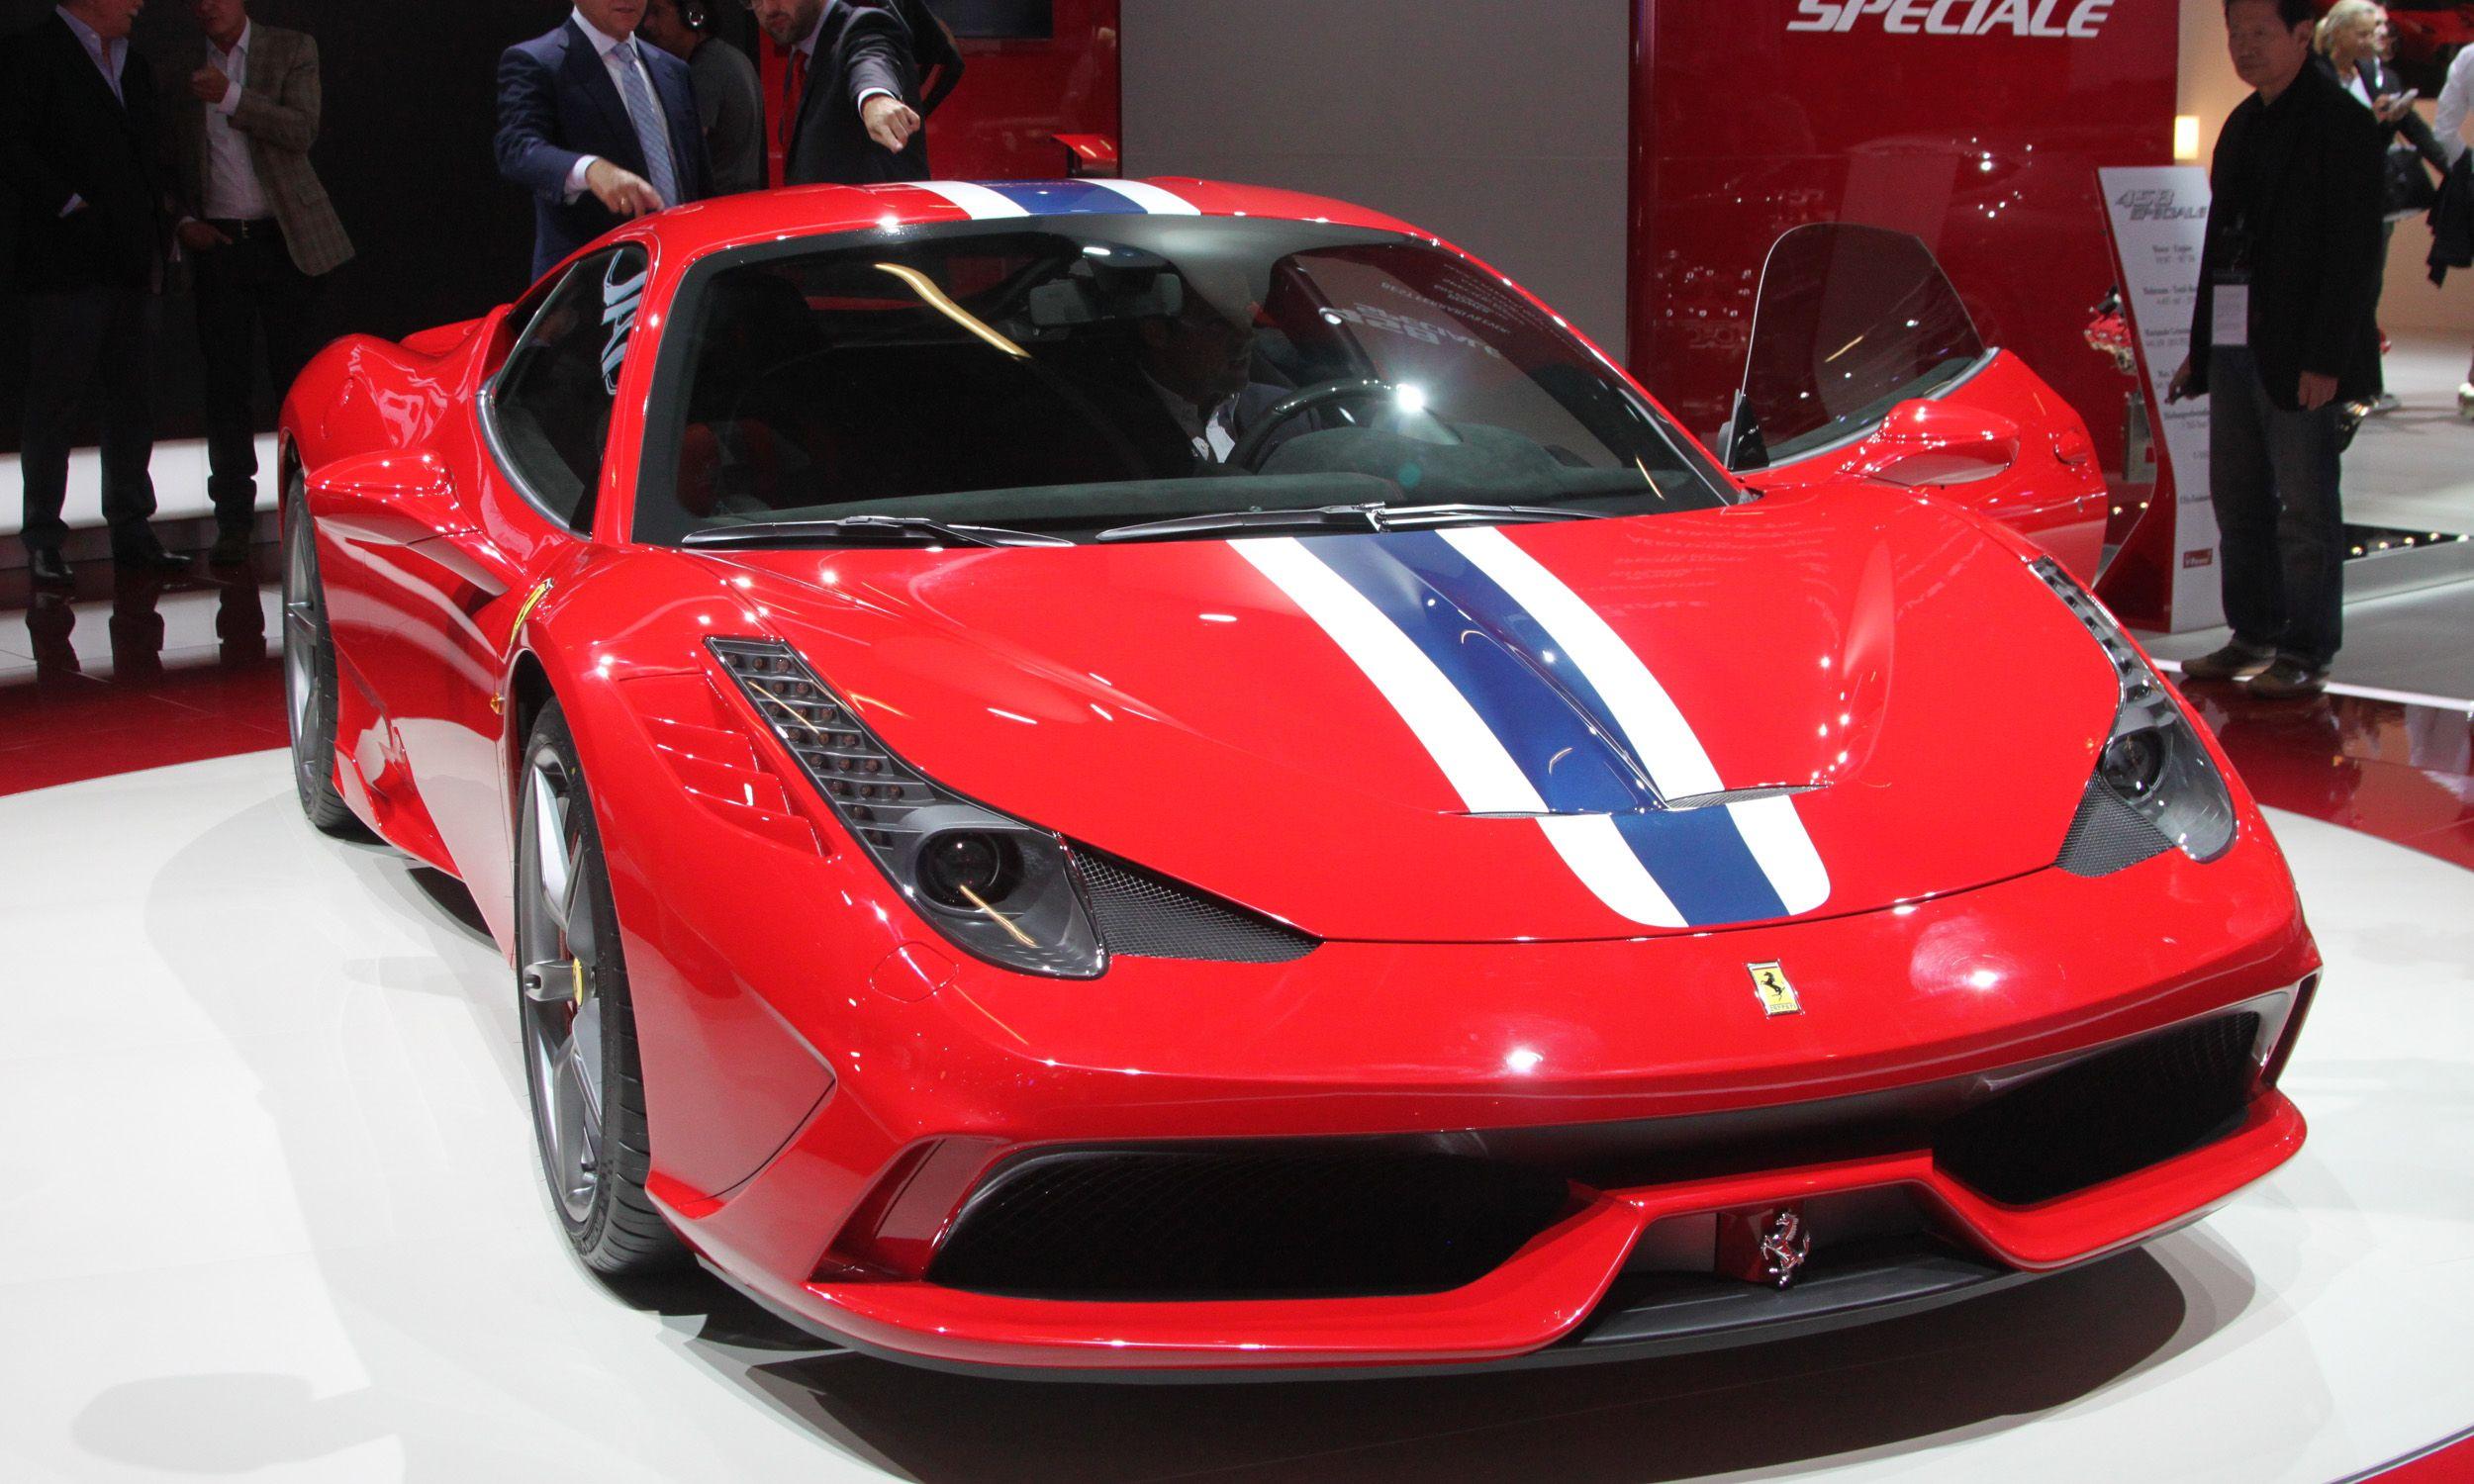 Ferrari 458 Speciale debuts Coches deportivos, Coches